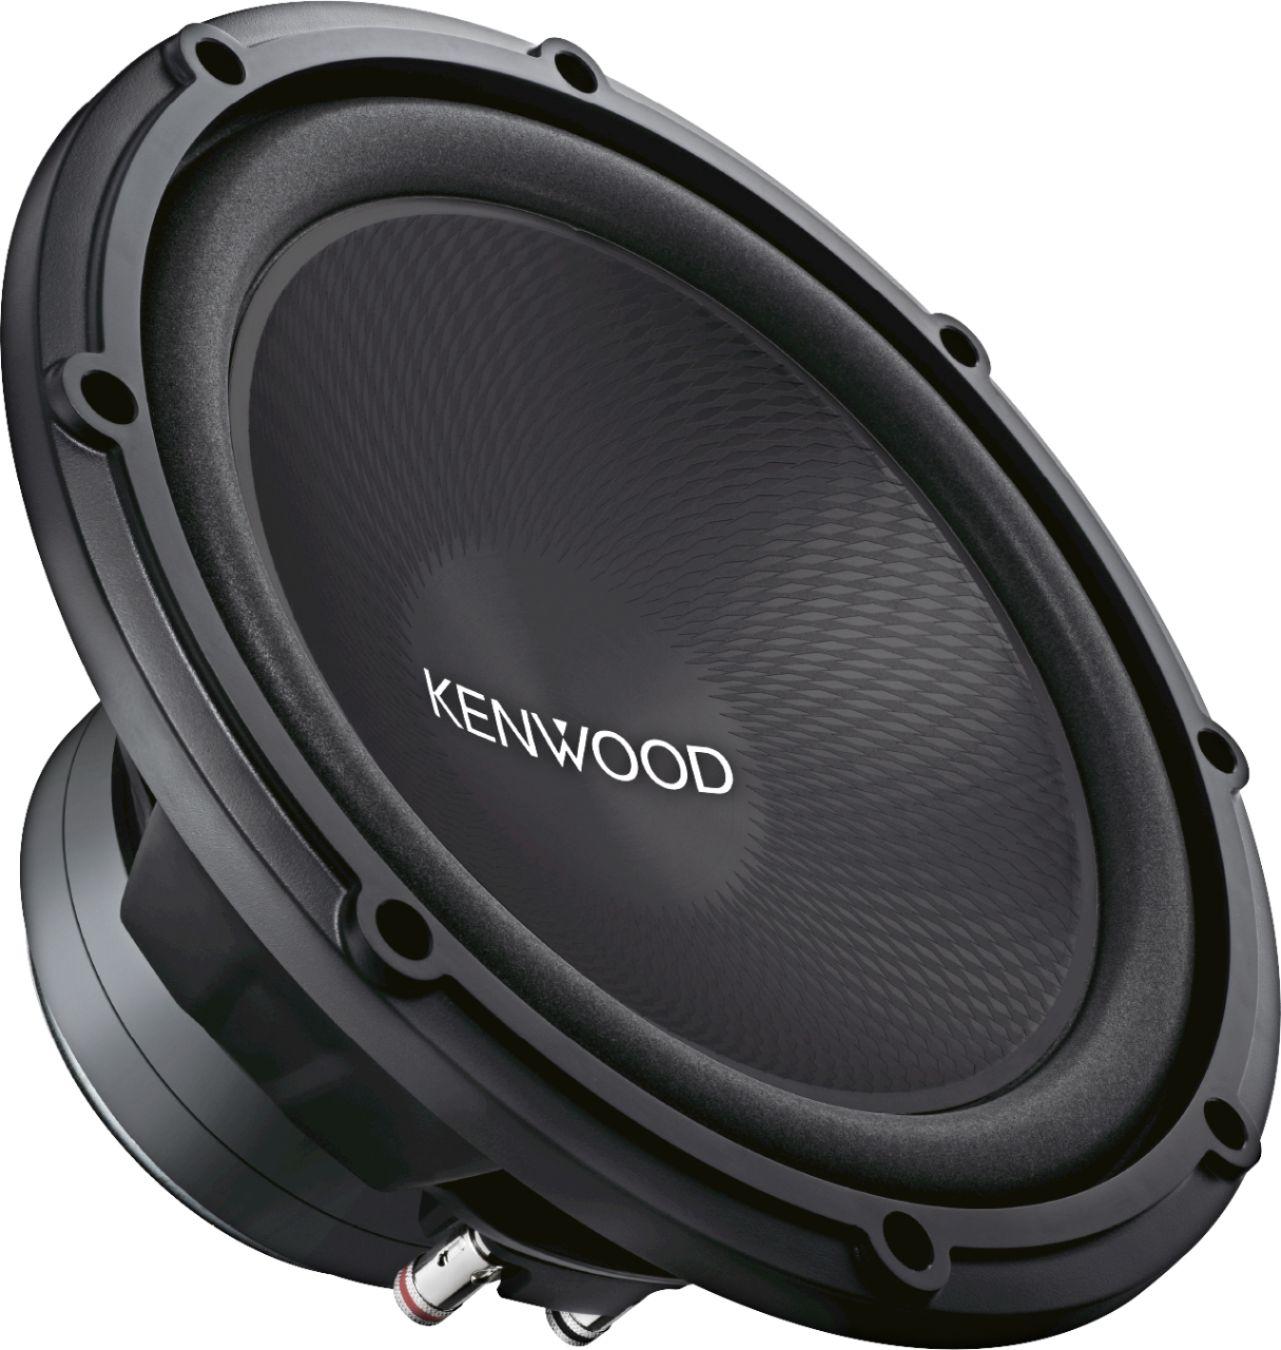 Awe Inspiring Kenwood Road Series 12 Dual Voice Coil 4 Ohm Subwoofer Black Kfc Wiring Cloud Staixaidewilluminateatxorg